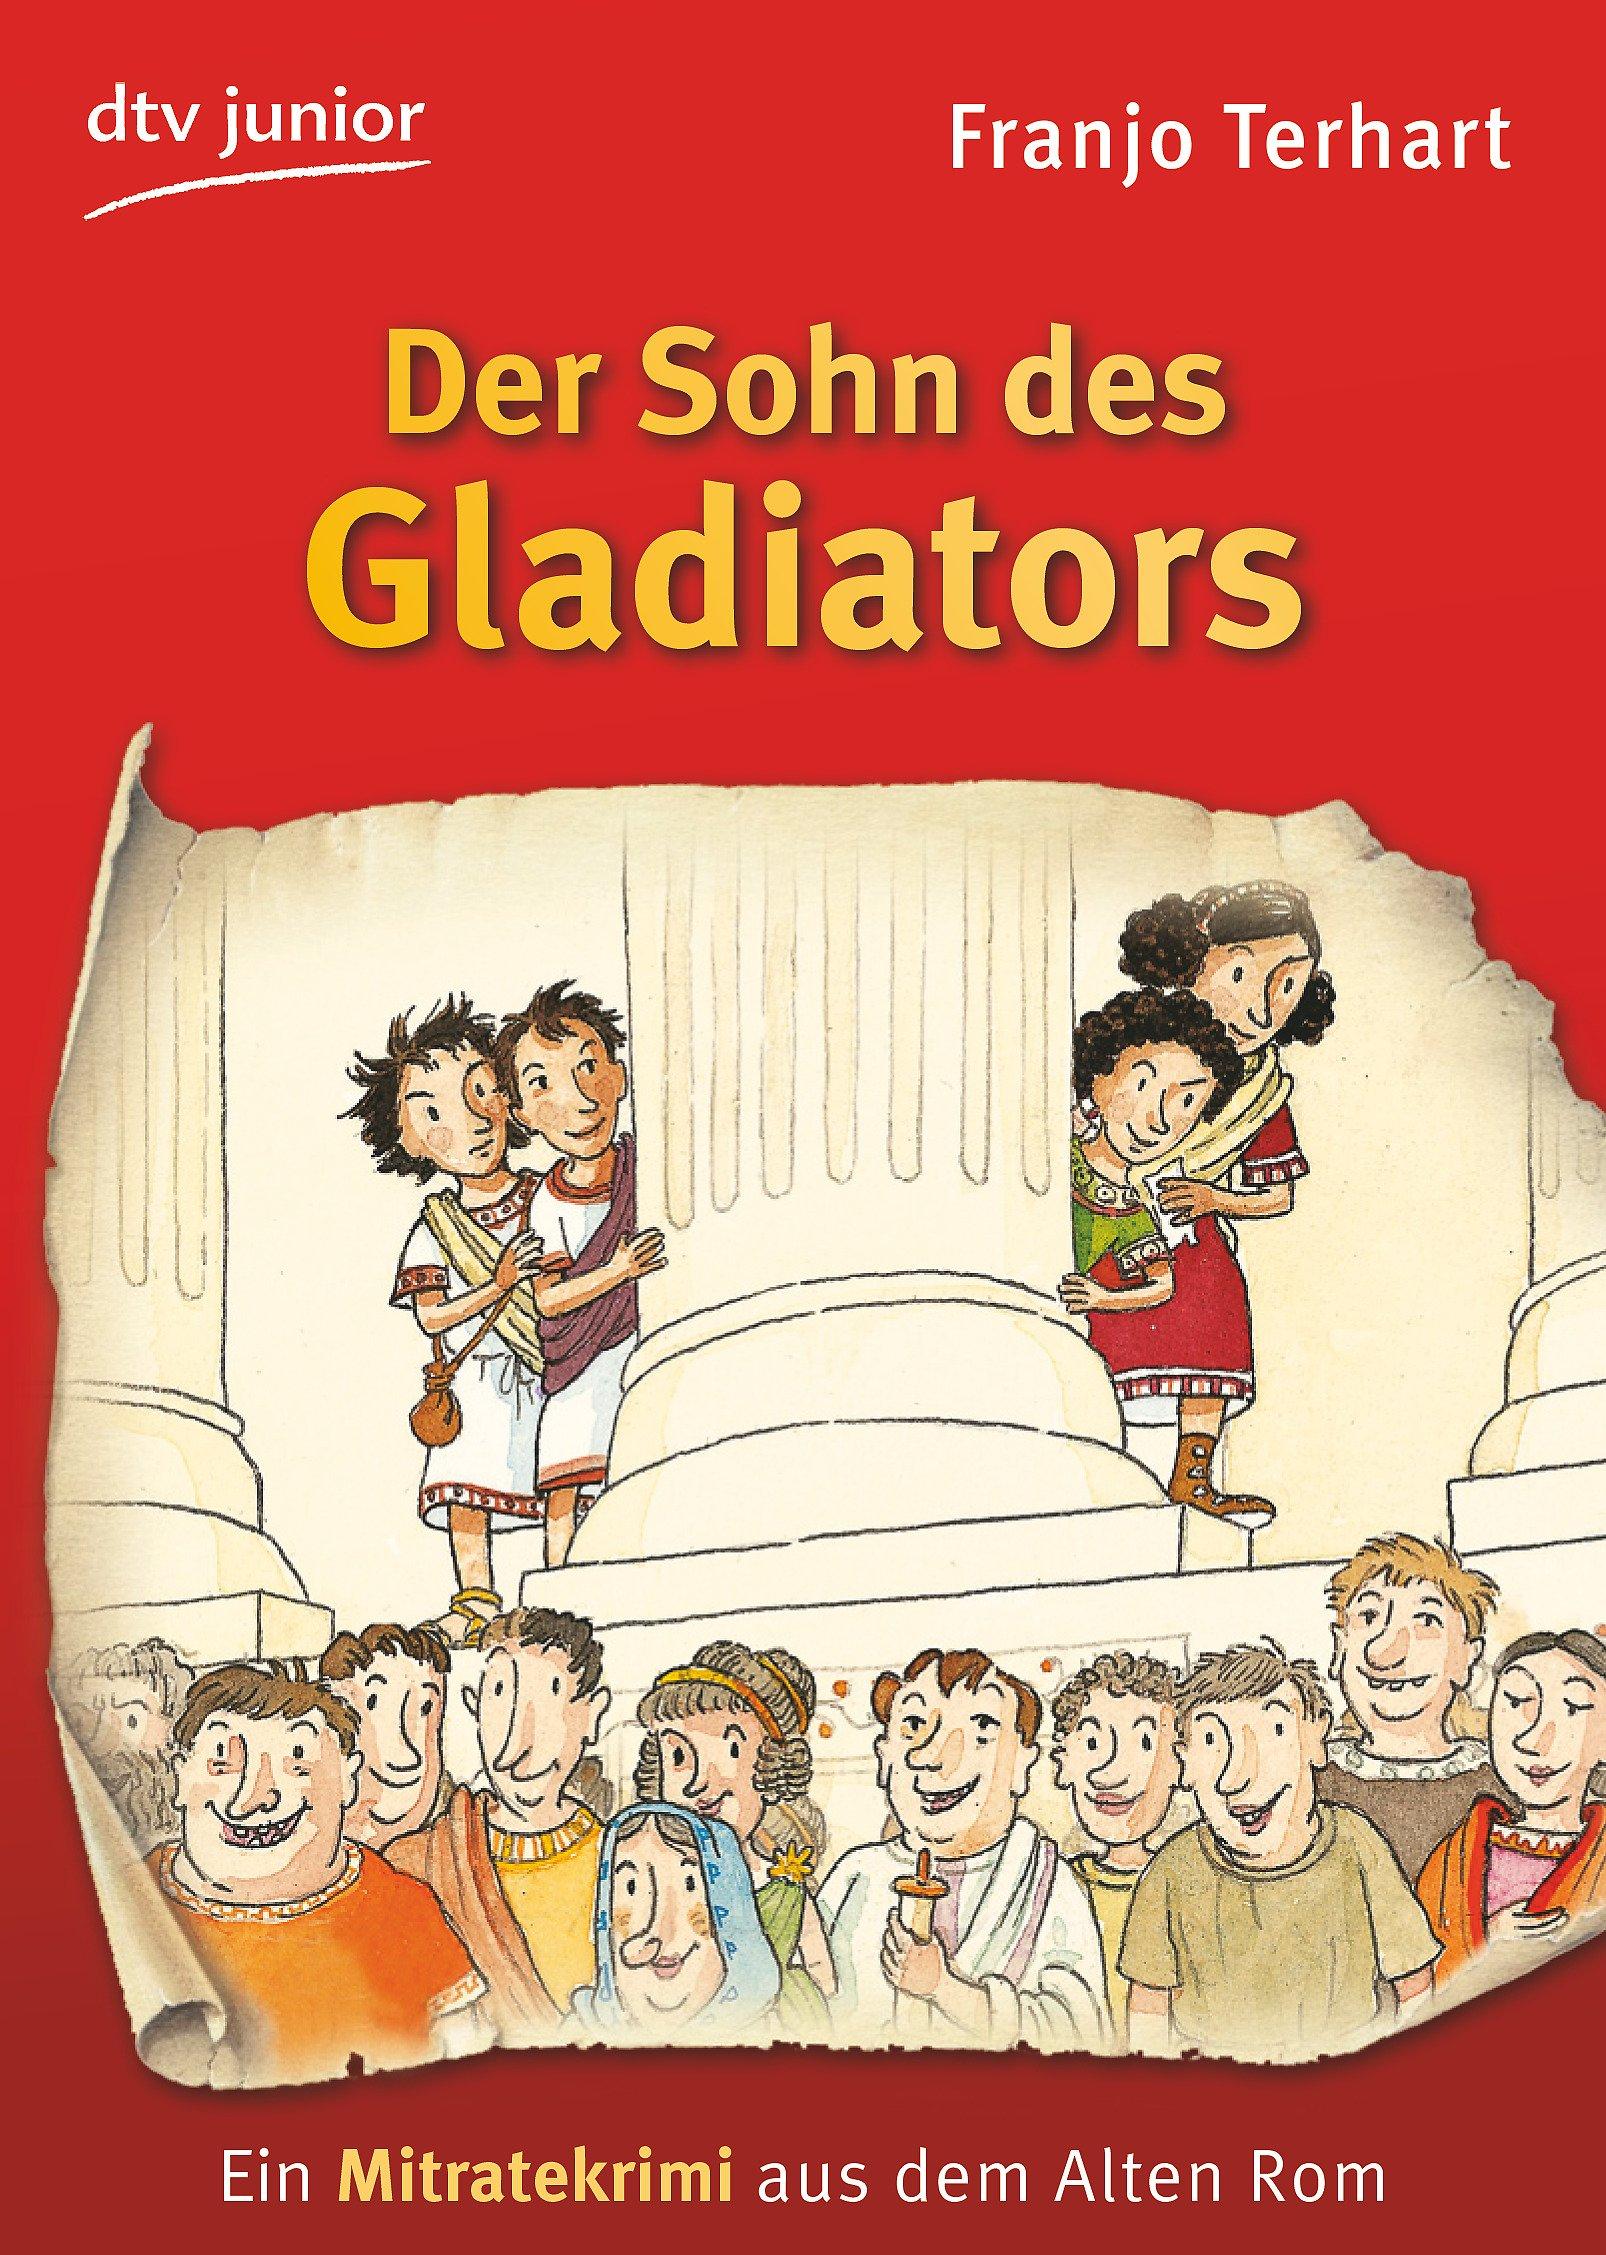 Der Sohn des Gladiators: Ein Mitratekrimi aus dem Alten Rom (dtv junior)